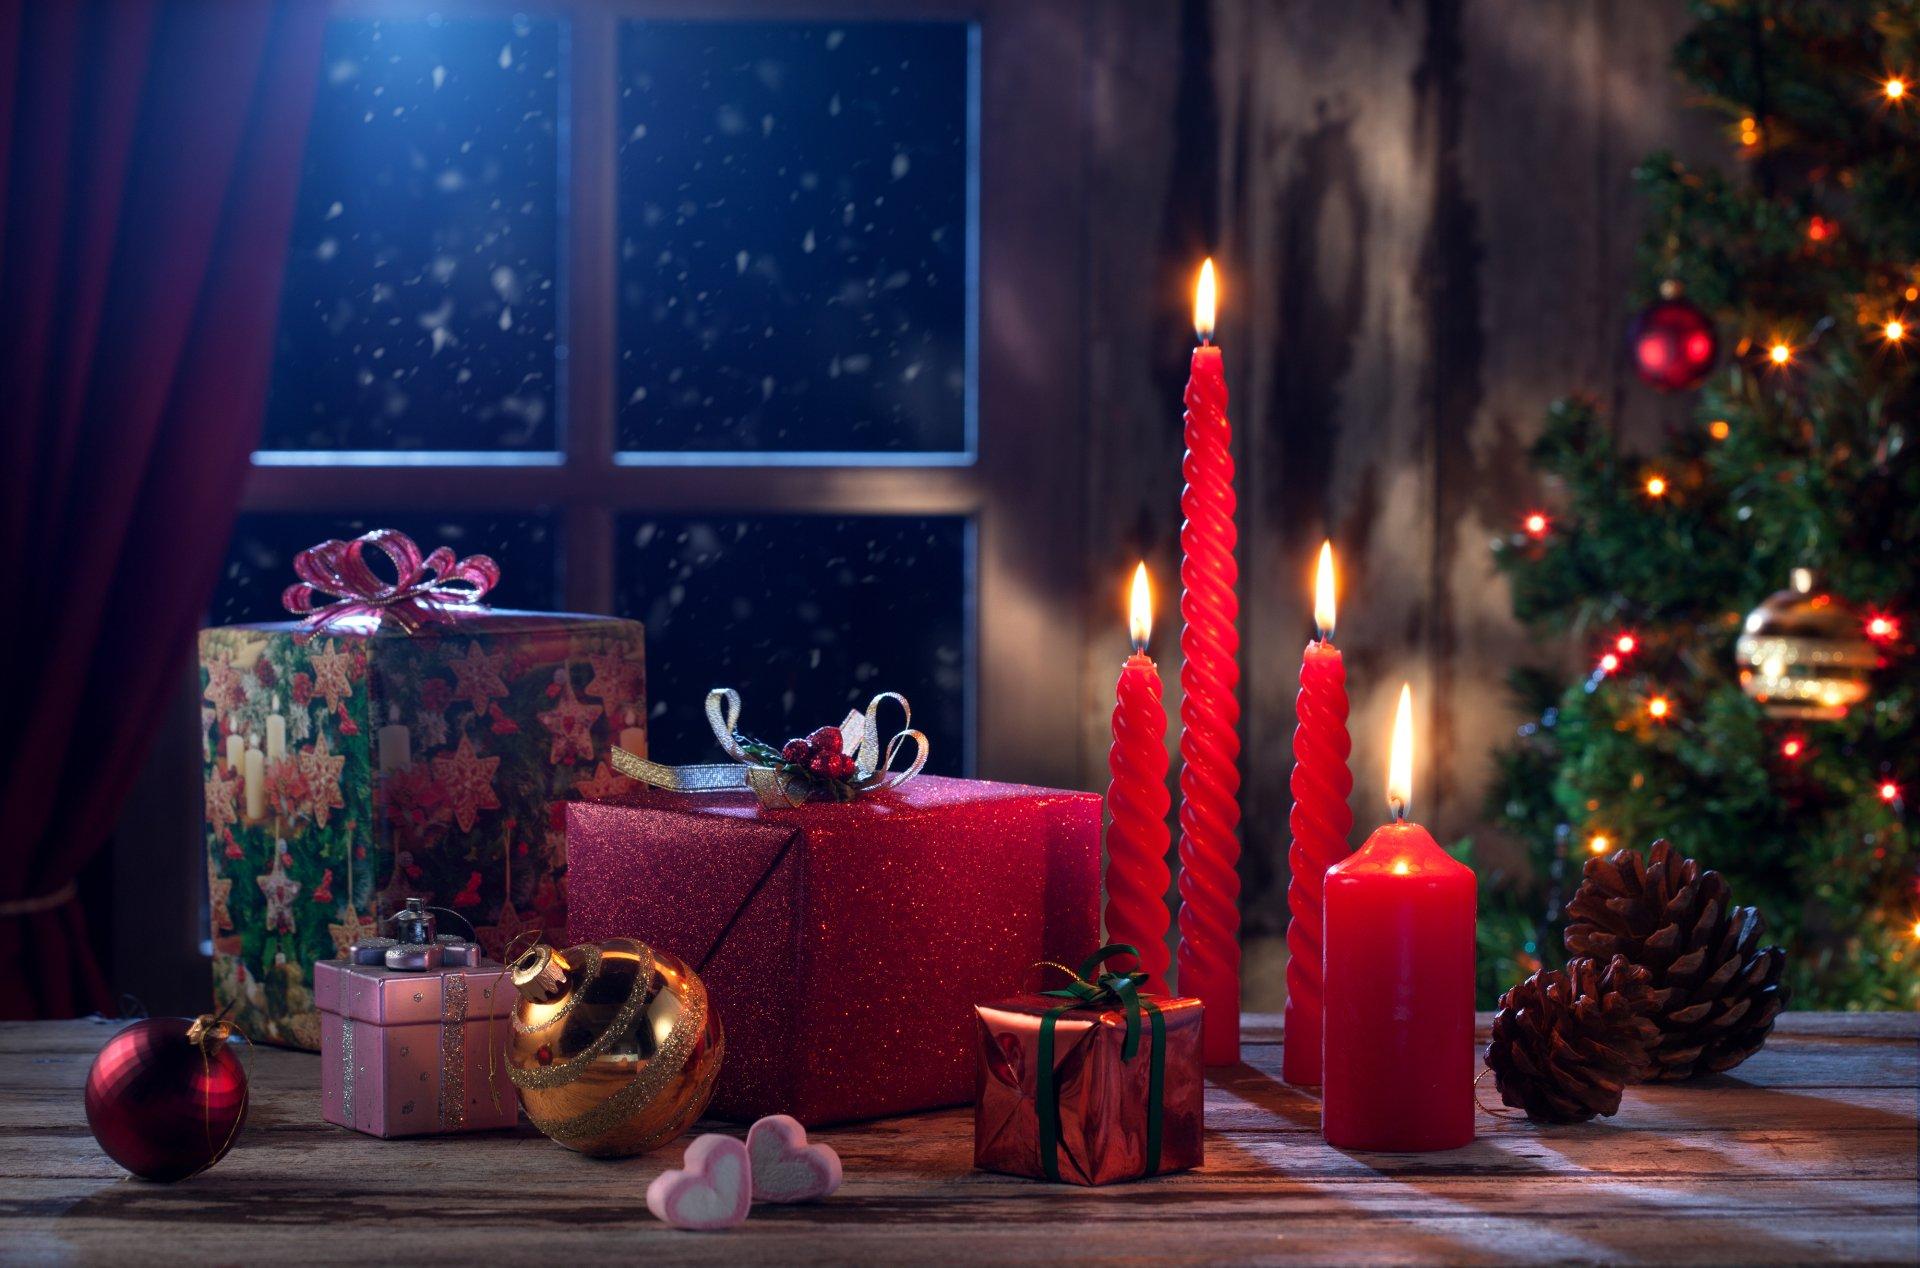 节日 - 圣诞节  节日 蜡烛 窗户 Christmas Ornaments 壁纸